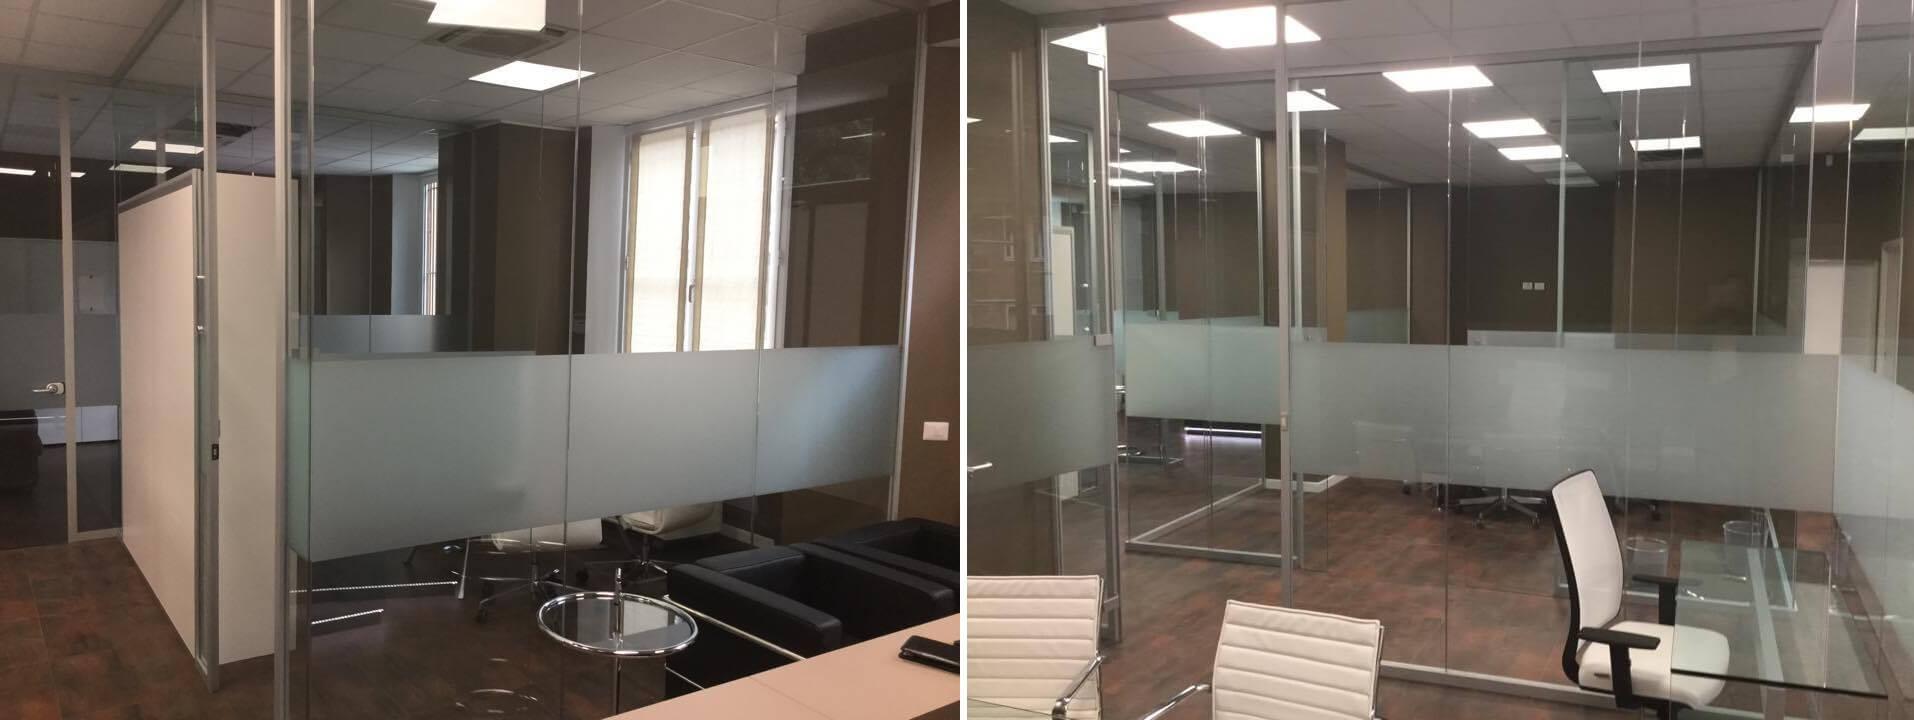 Realizzazione completa Mast & Partners – Roma (11)